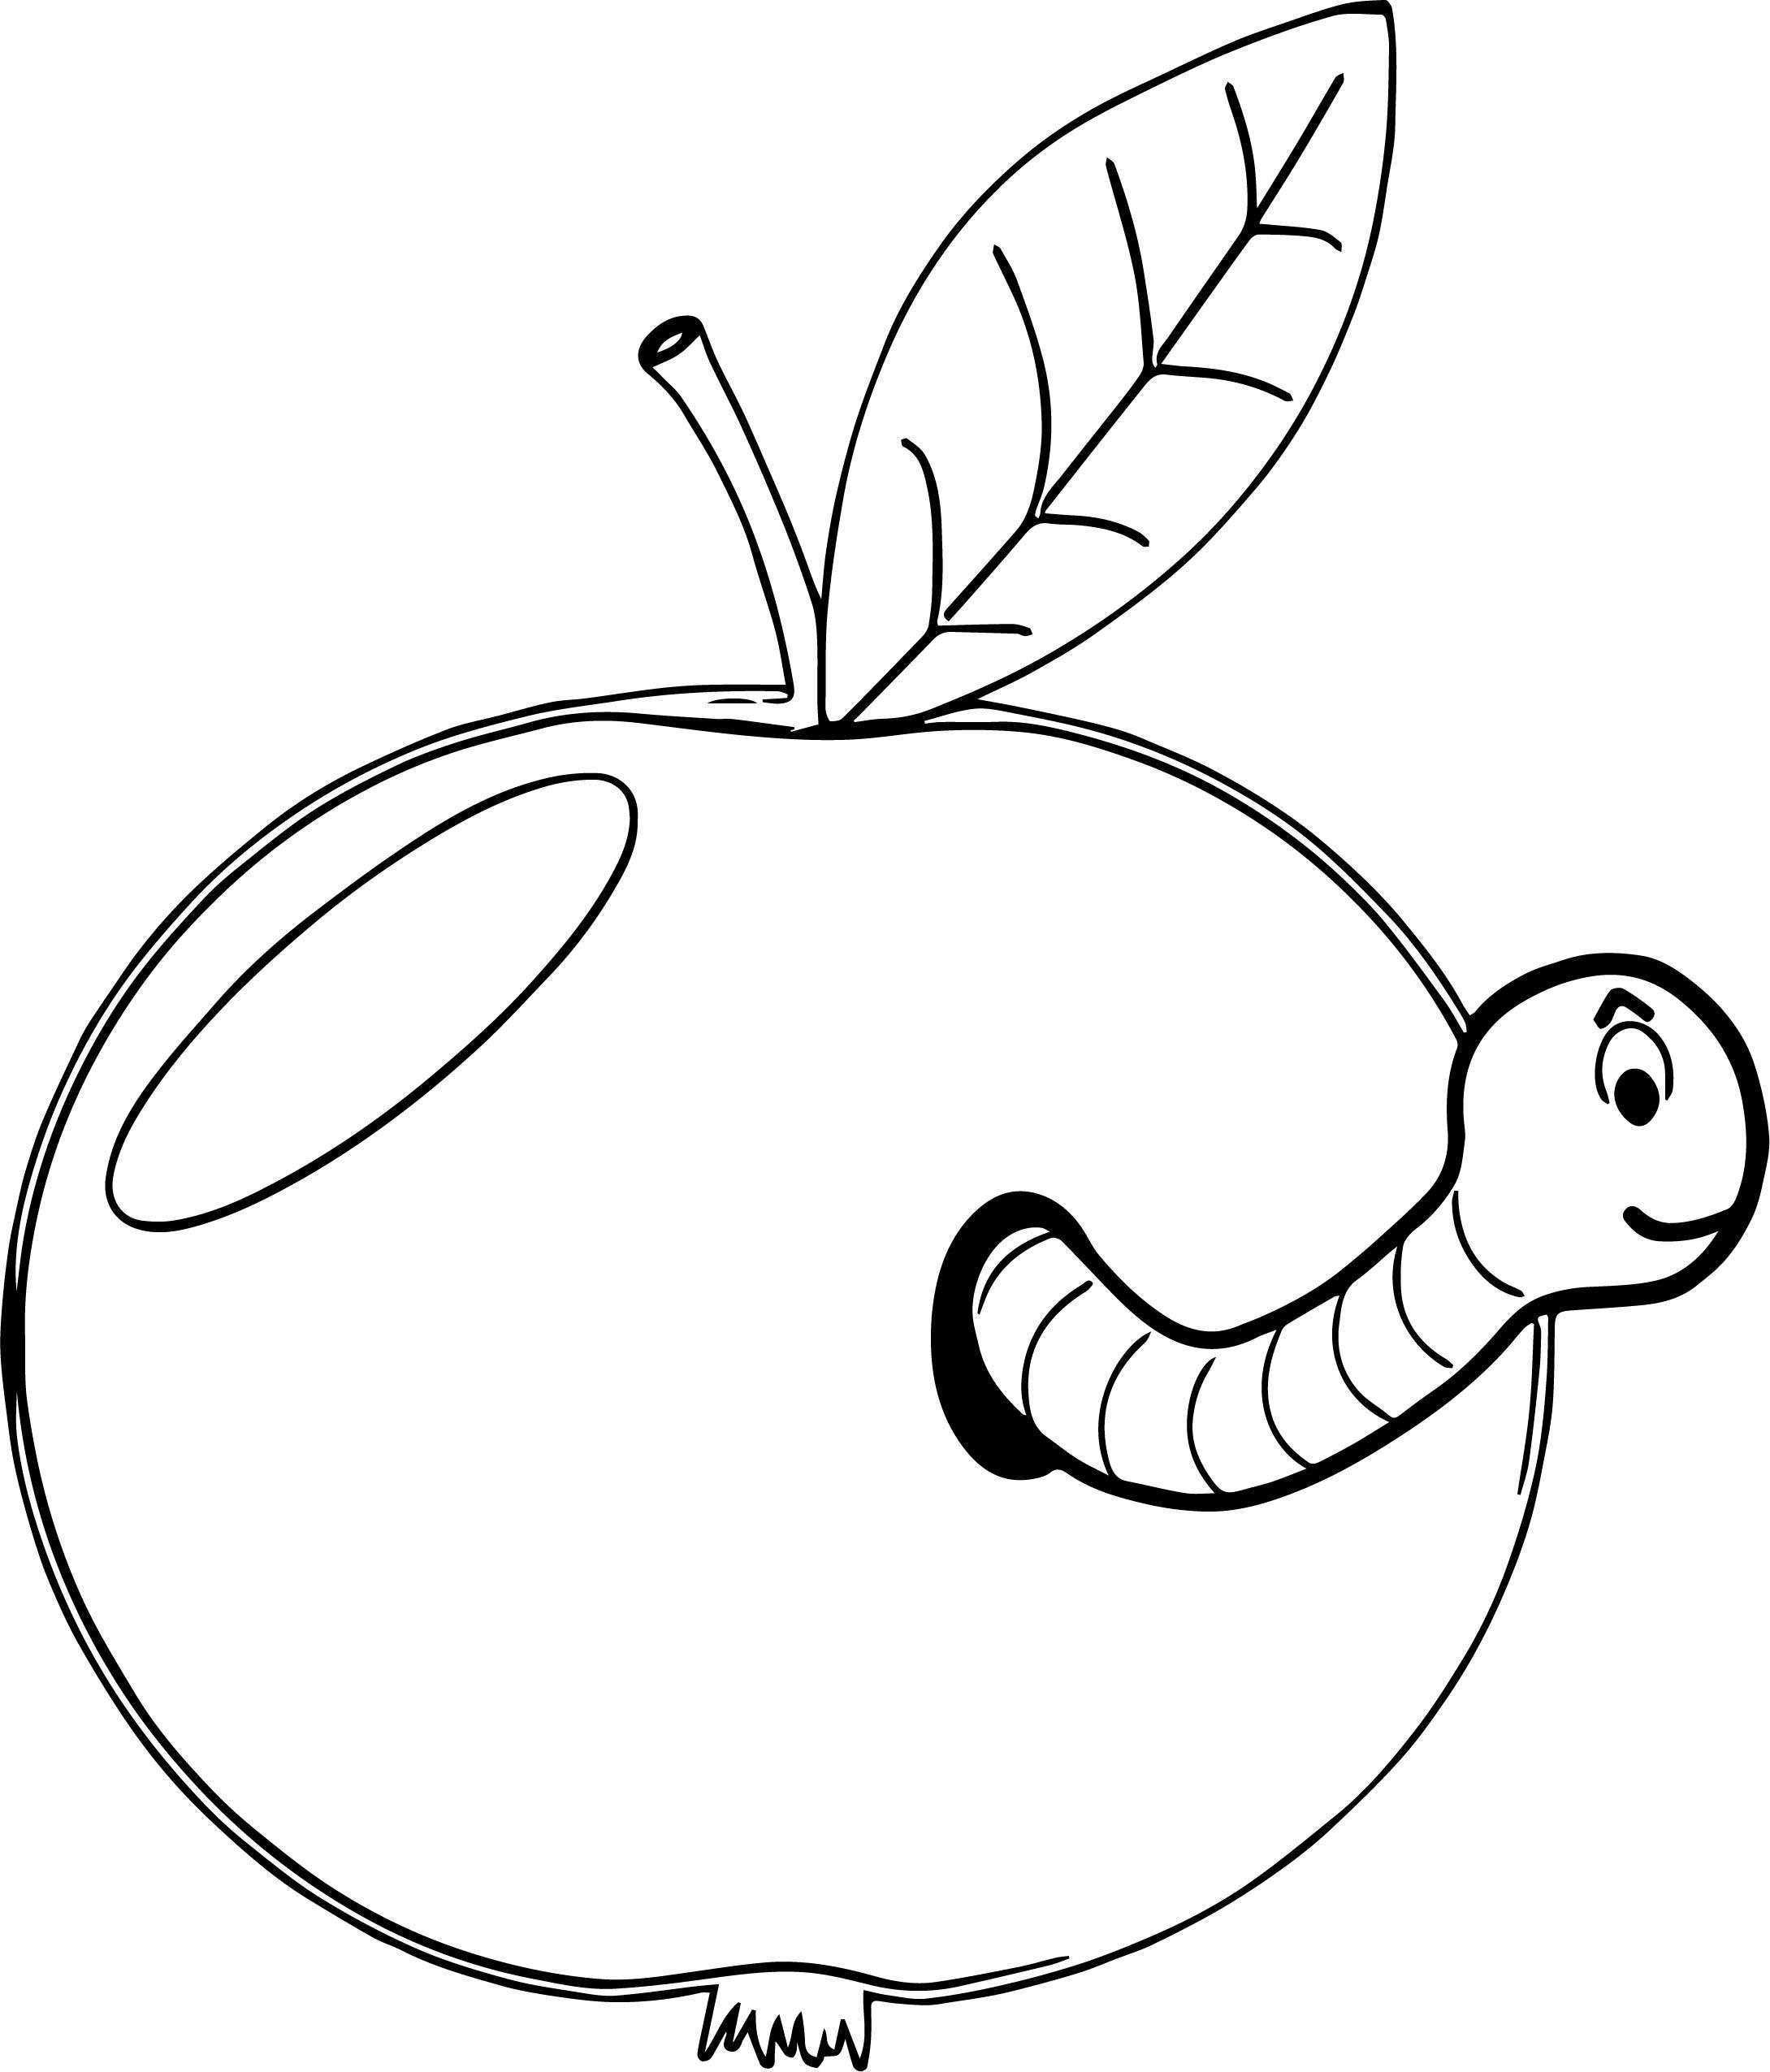 Larva Cartoon Download